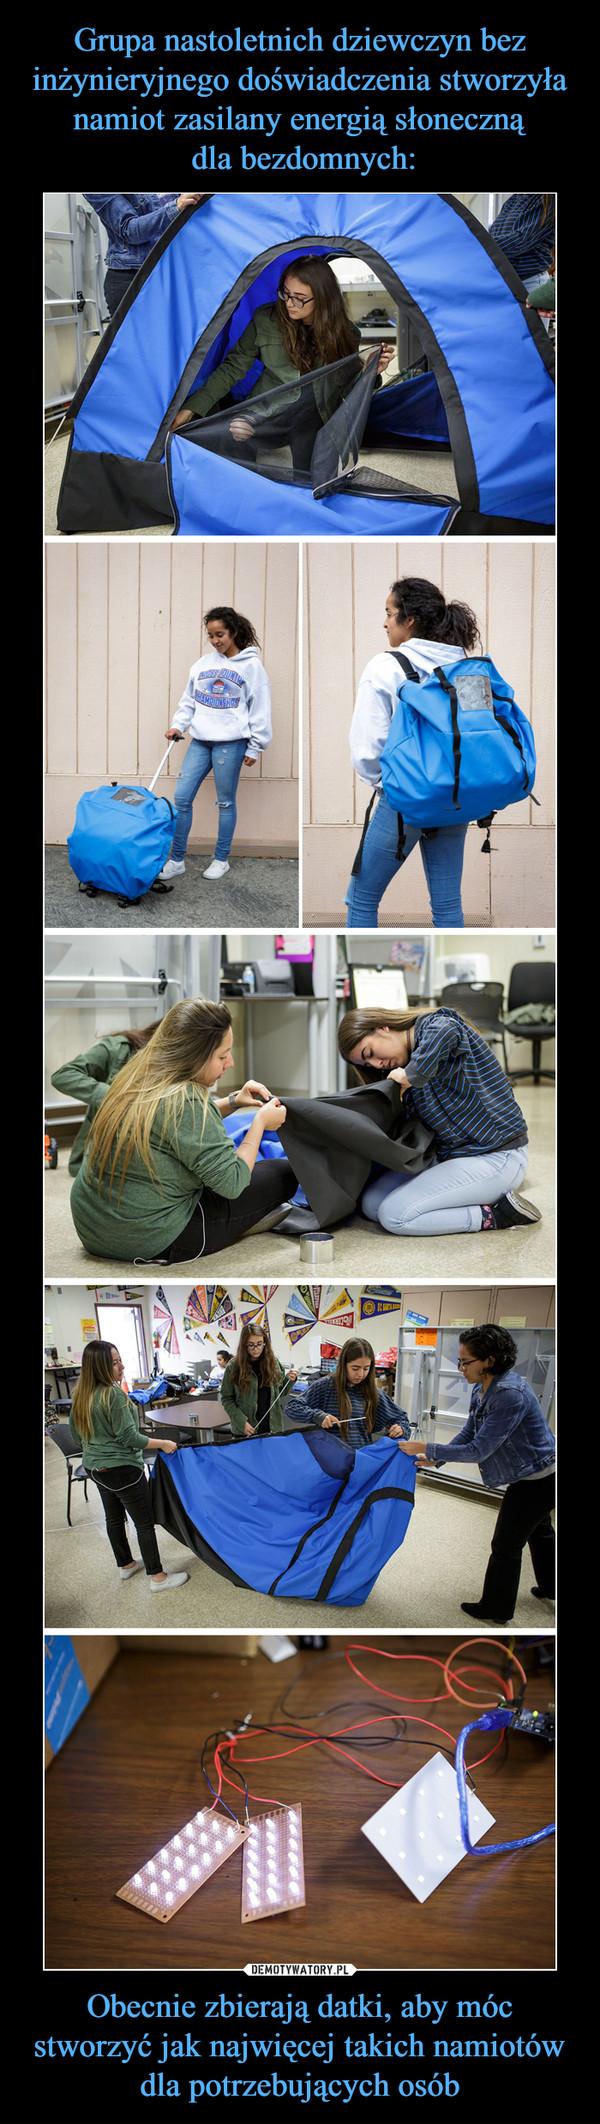 Obecnie zbierają datki, aby móc stworzyć jak najwięcej takich namiotów dla potrzebujących osób –